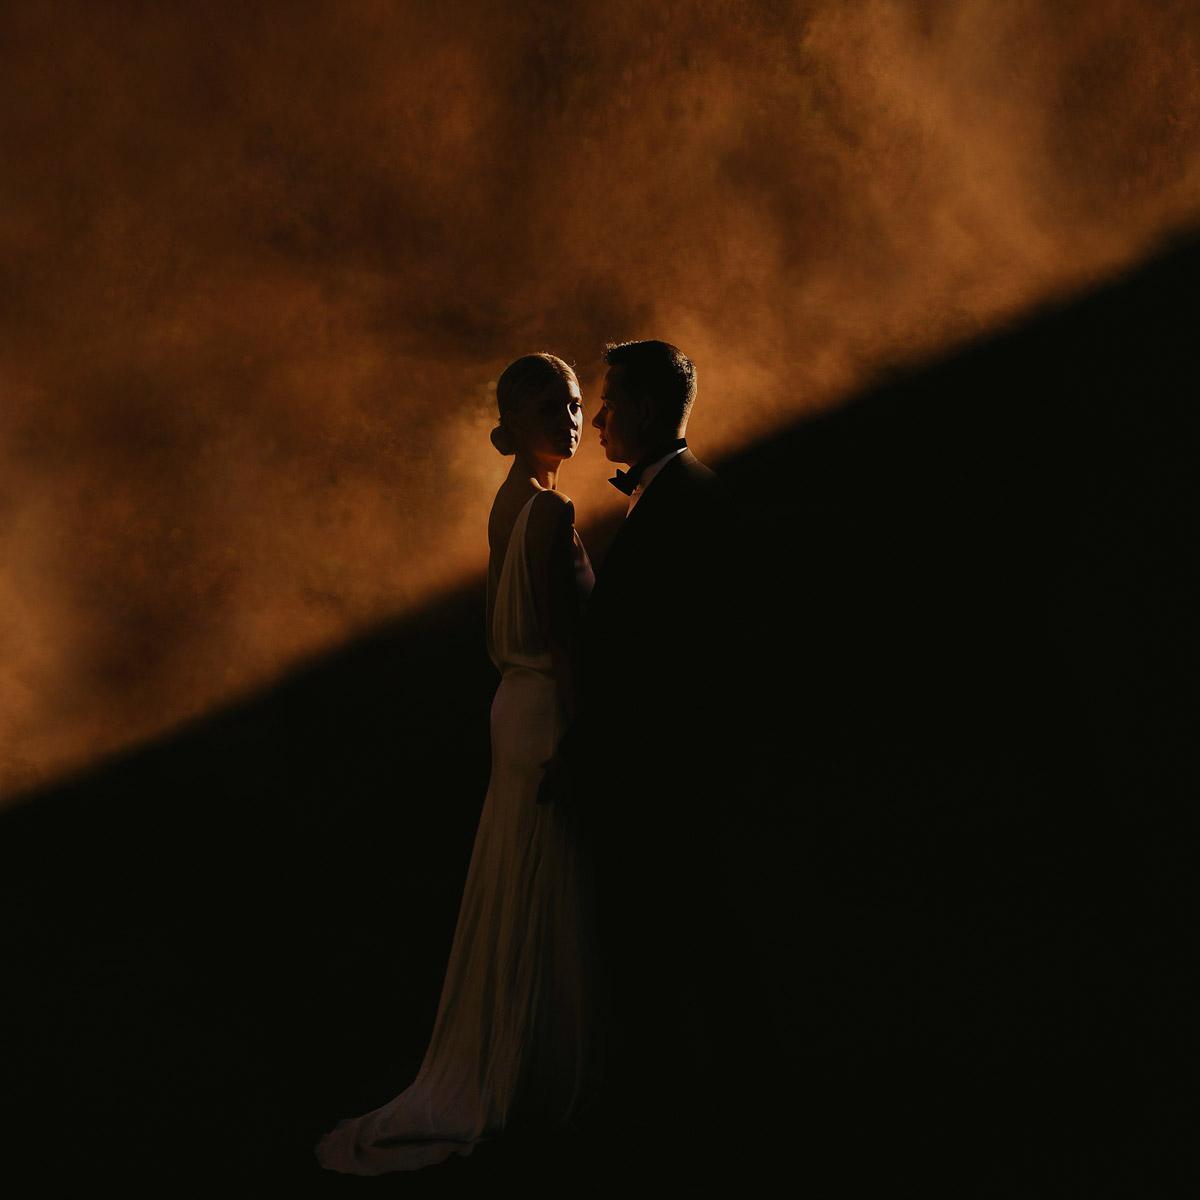 © Дэн О'Дей, Австралия, Фотоконкурс «Свадебный фотограф года» — International Wedding Photographer of the Year